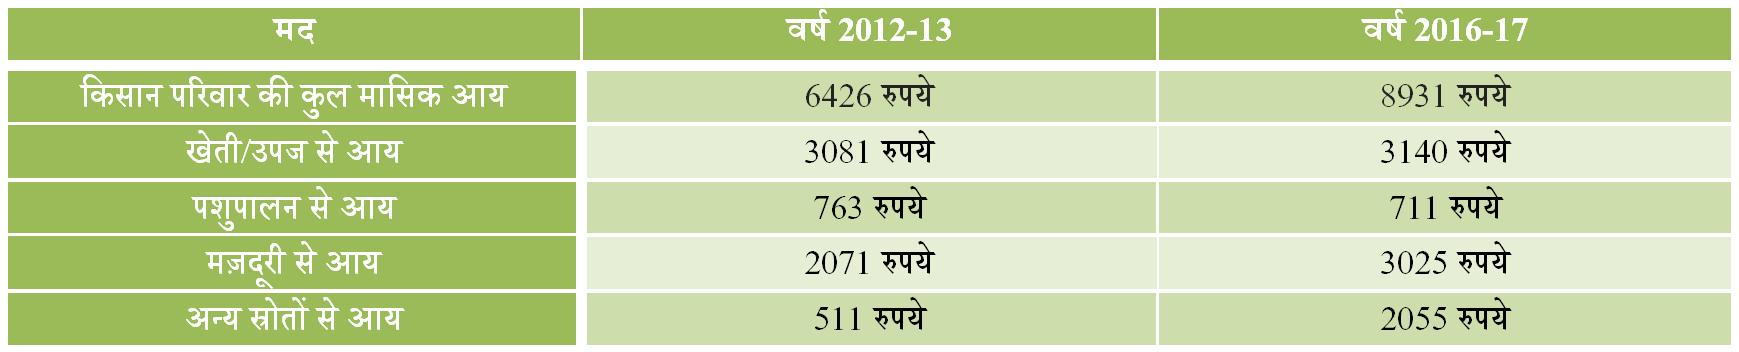 farmers data 2017-18 india